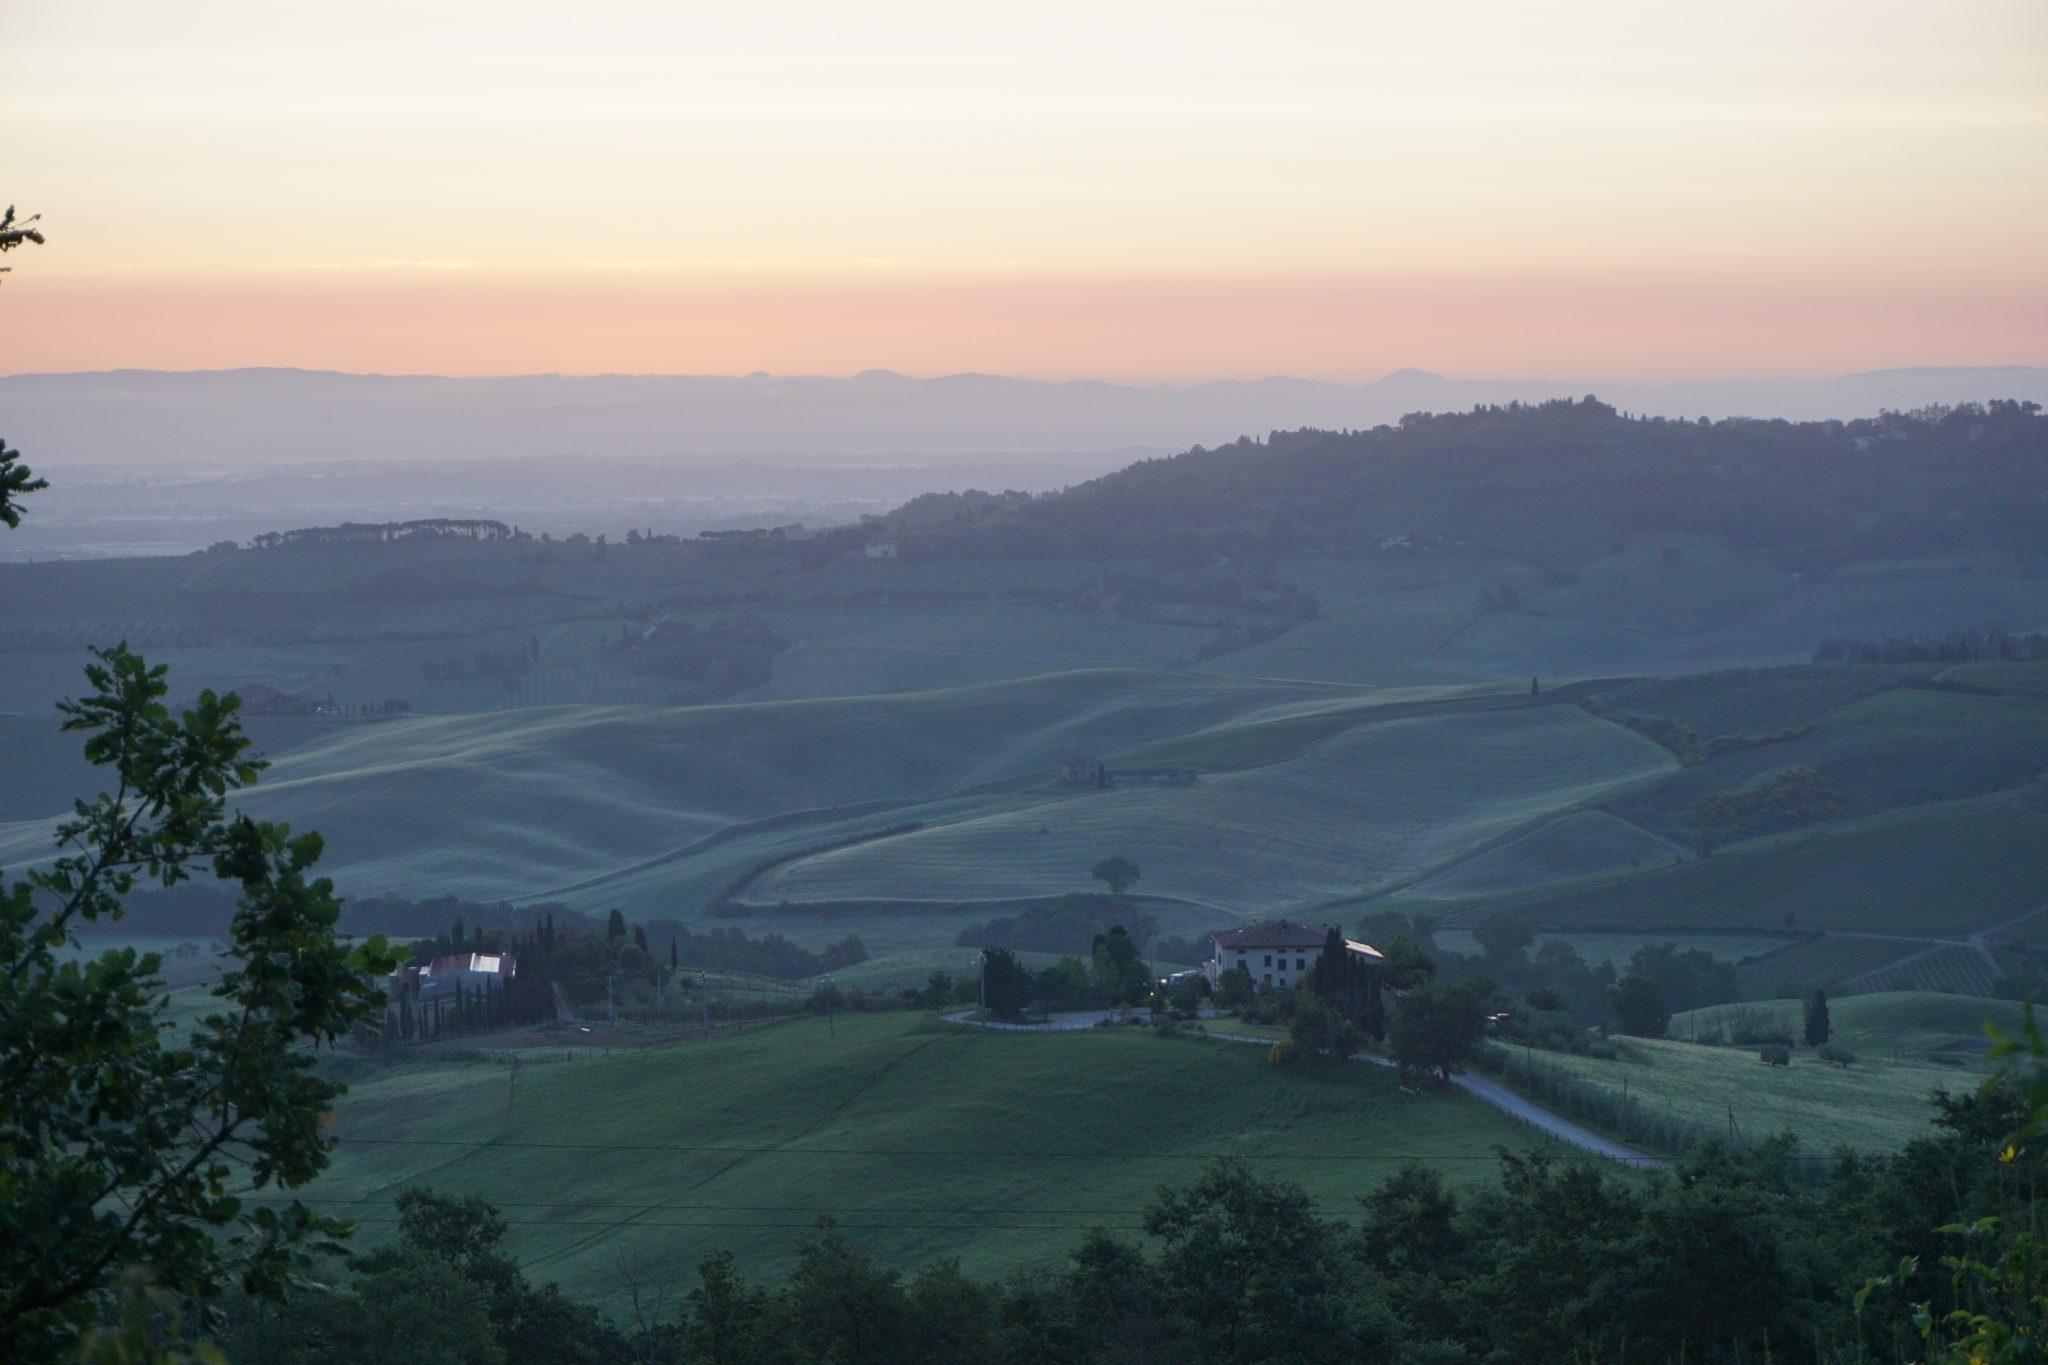 tuscany sunrise, italy